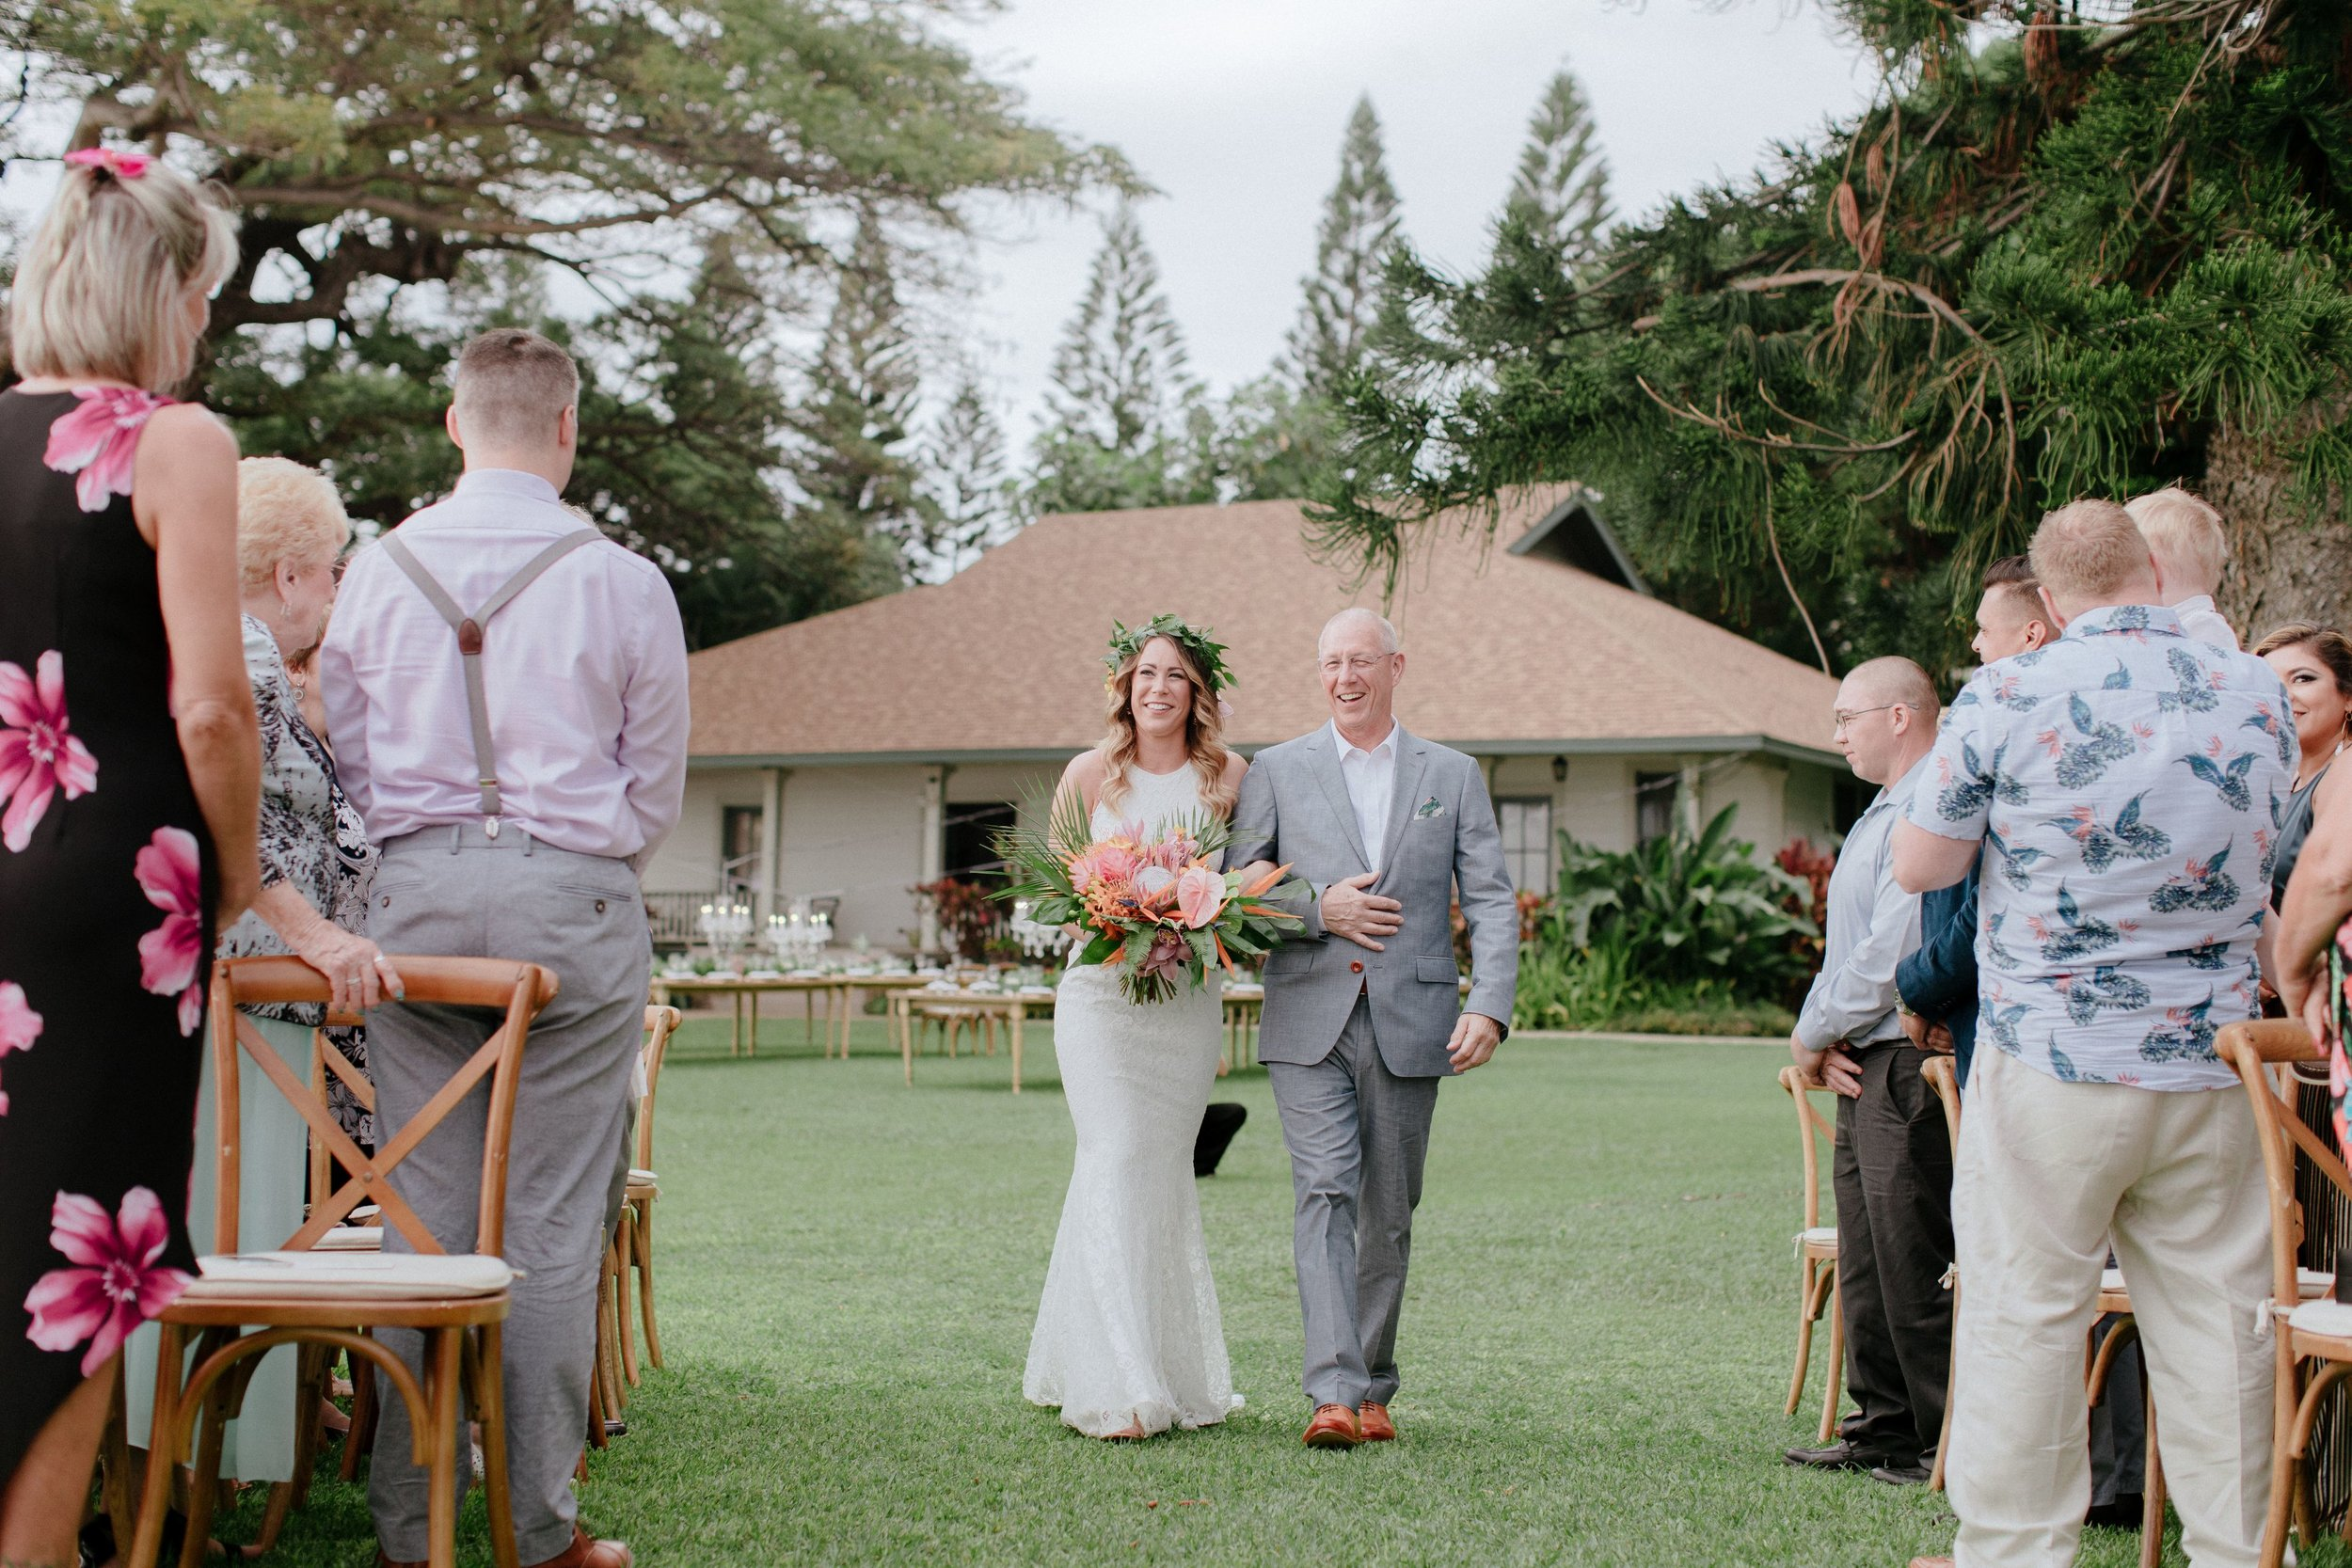 Chris-J-Evans-maui-wedding-JA1743.jpg